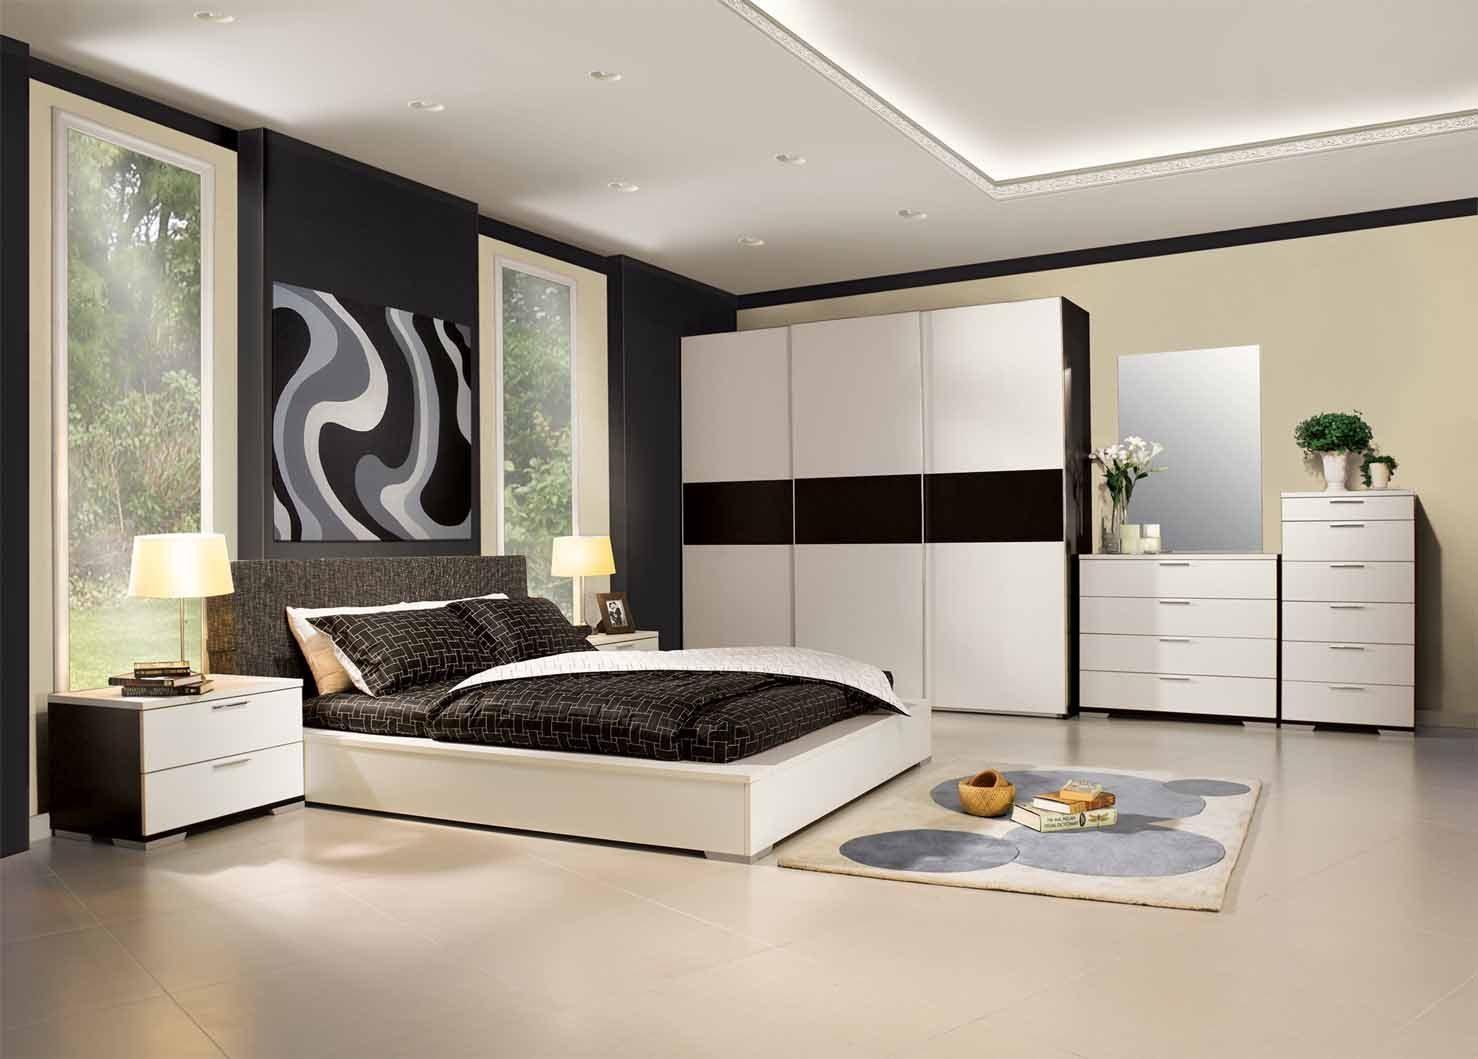 Muebles modernos para habitaciones im genes y fotos for Cuartos de ninas modernos